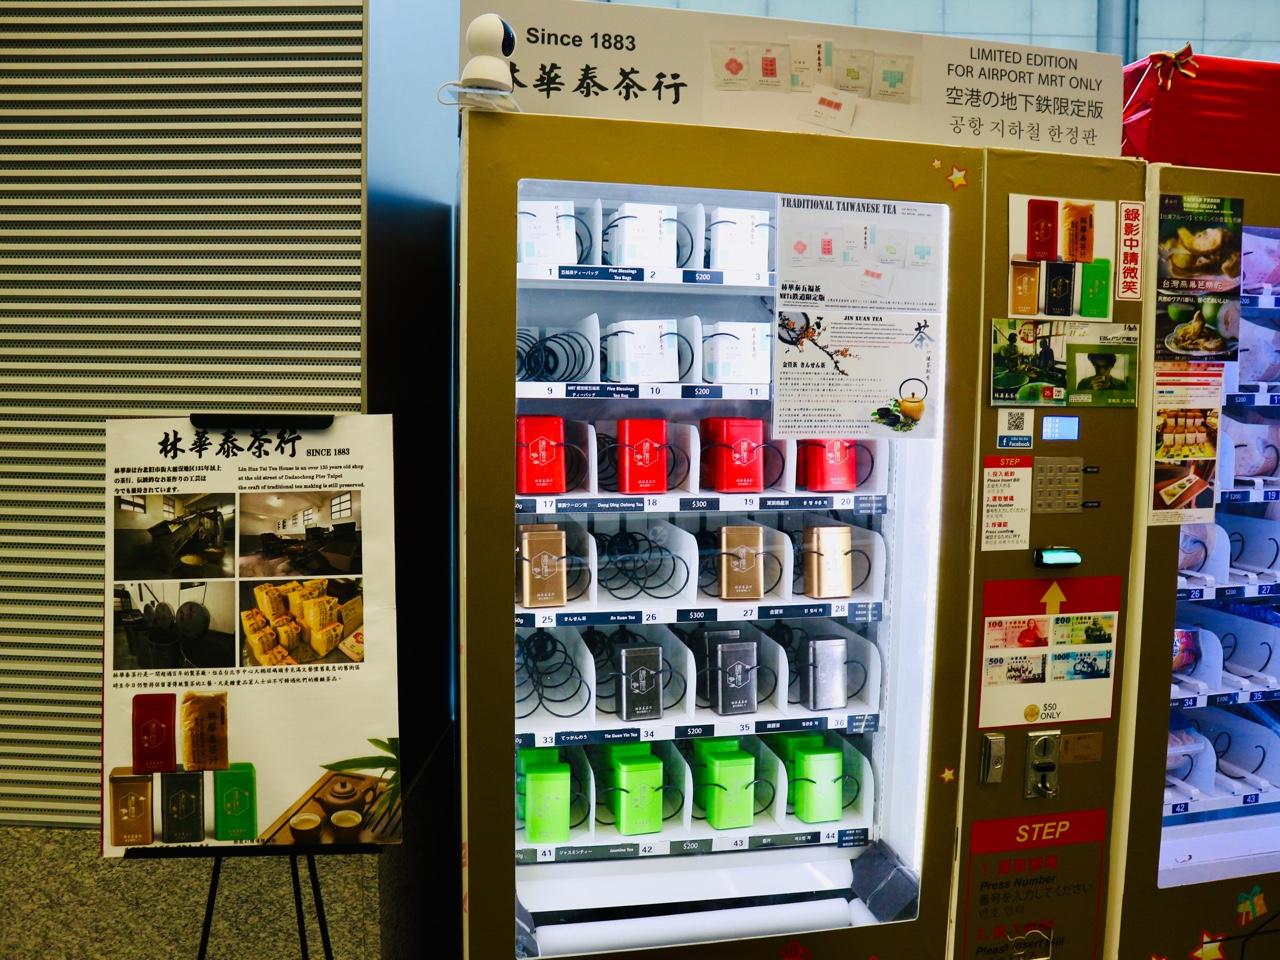 台湾茶の老舗「林華泰」の烏龍茶も自販機に